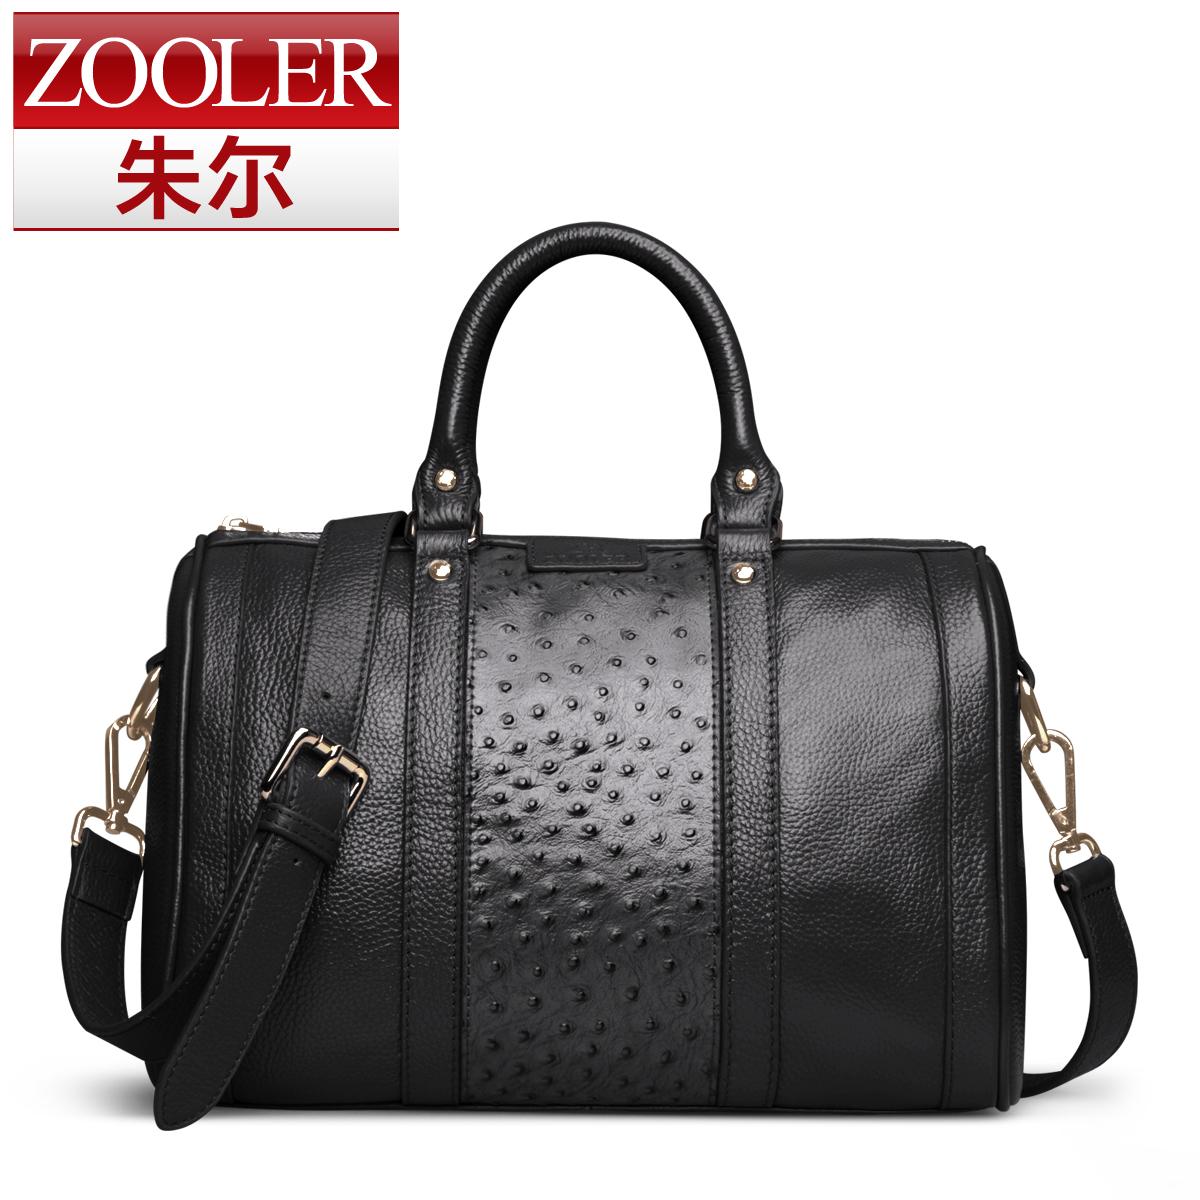 Boss bucket bag ostrich grain handbag women's female genuine leather bag bucket bag handbag 2014 women's(China (Mainland))